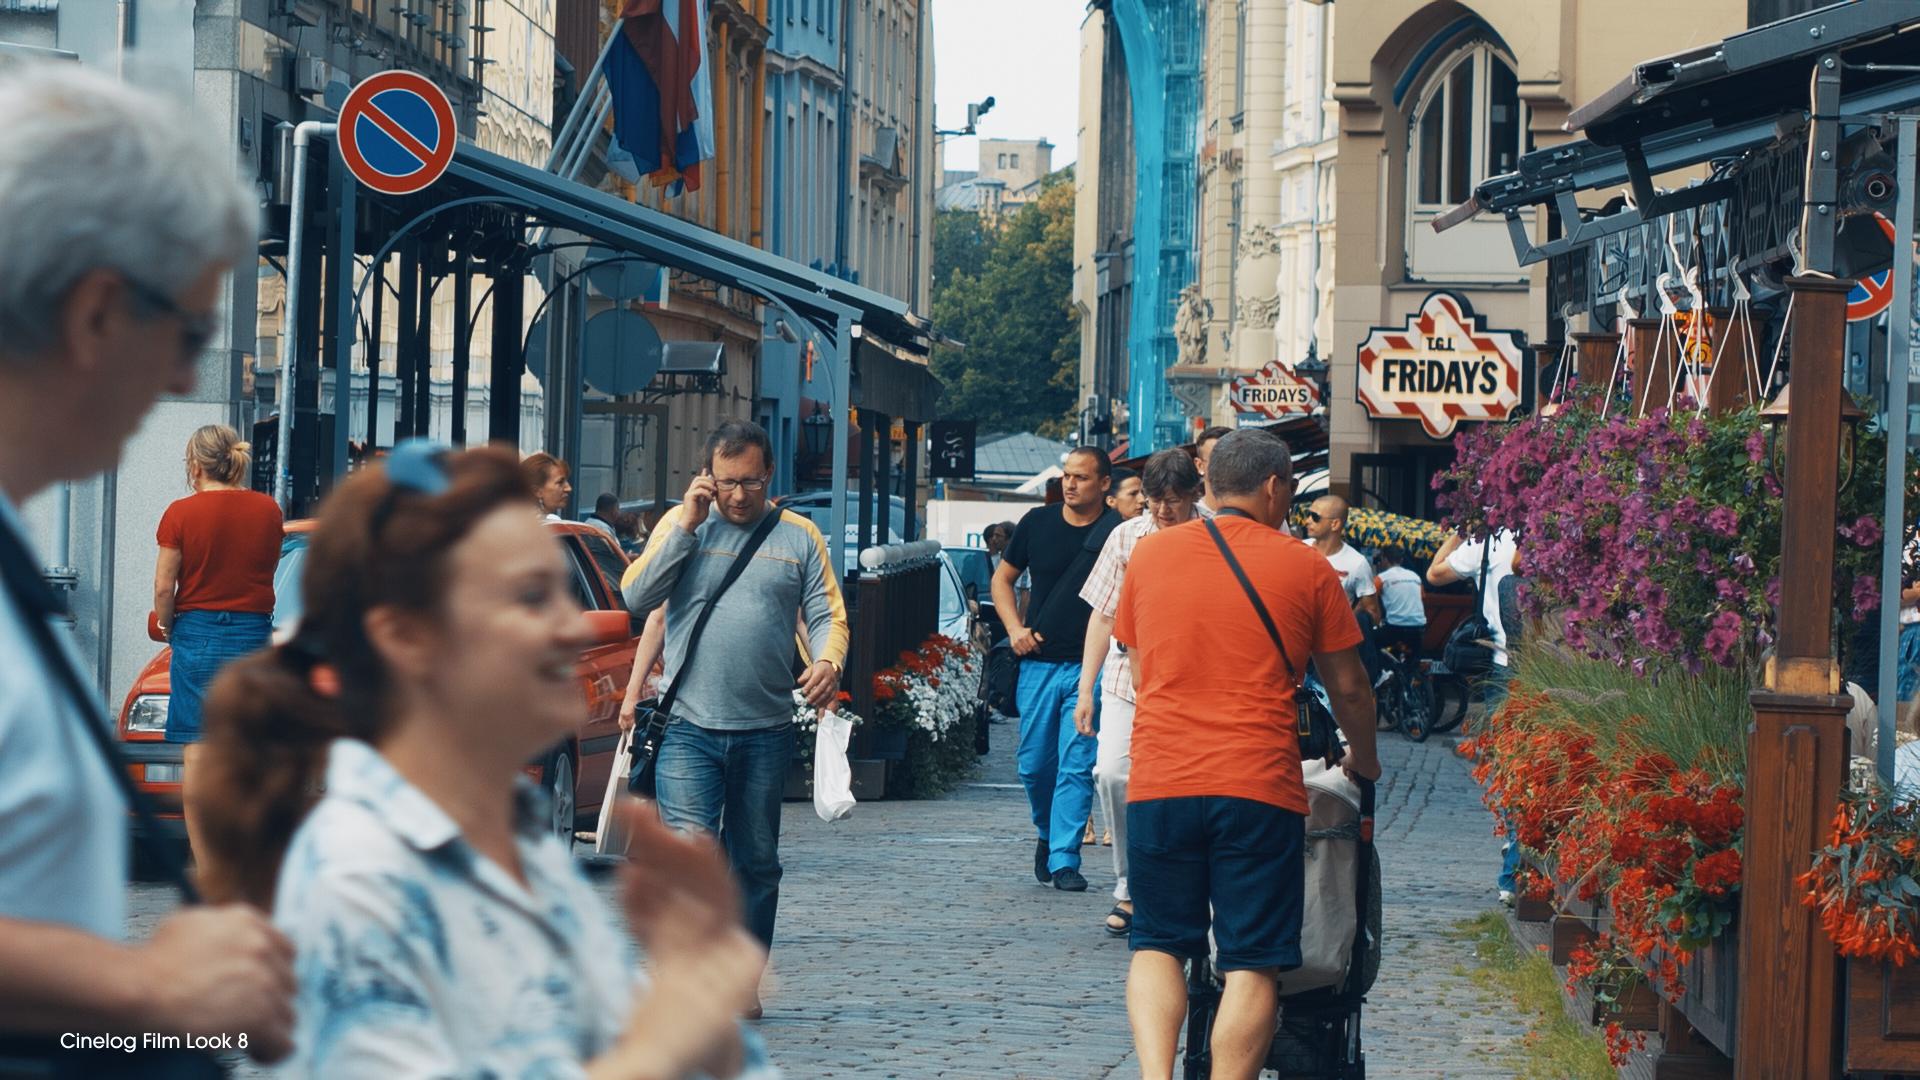 cinelog_Film_Look_8.jpg